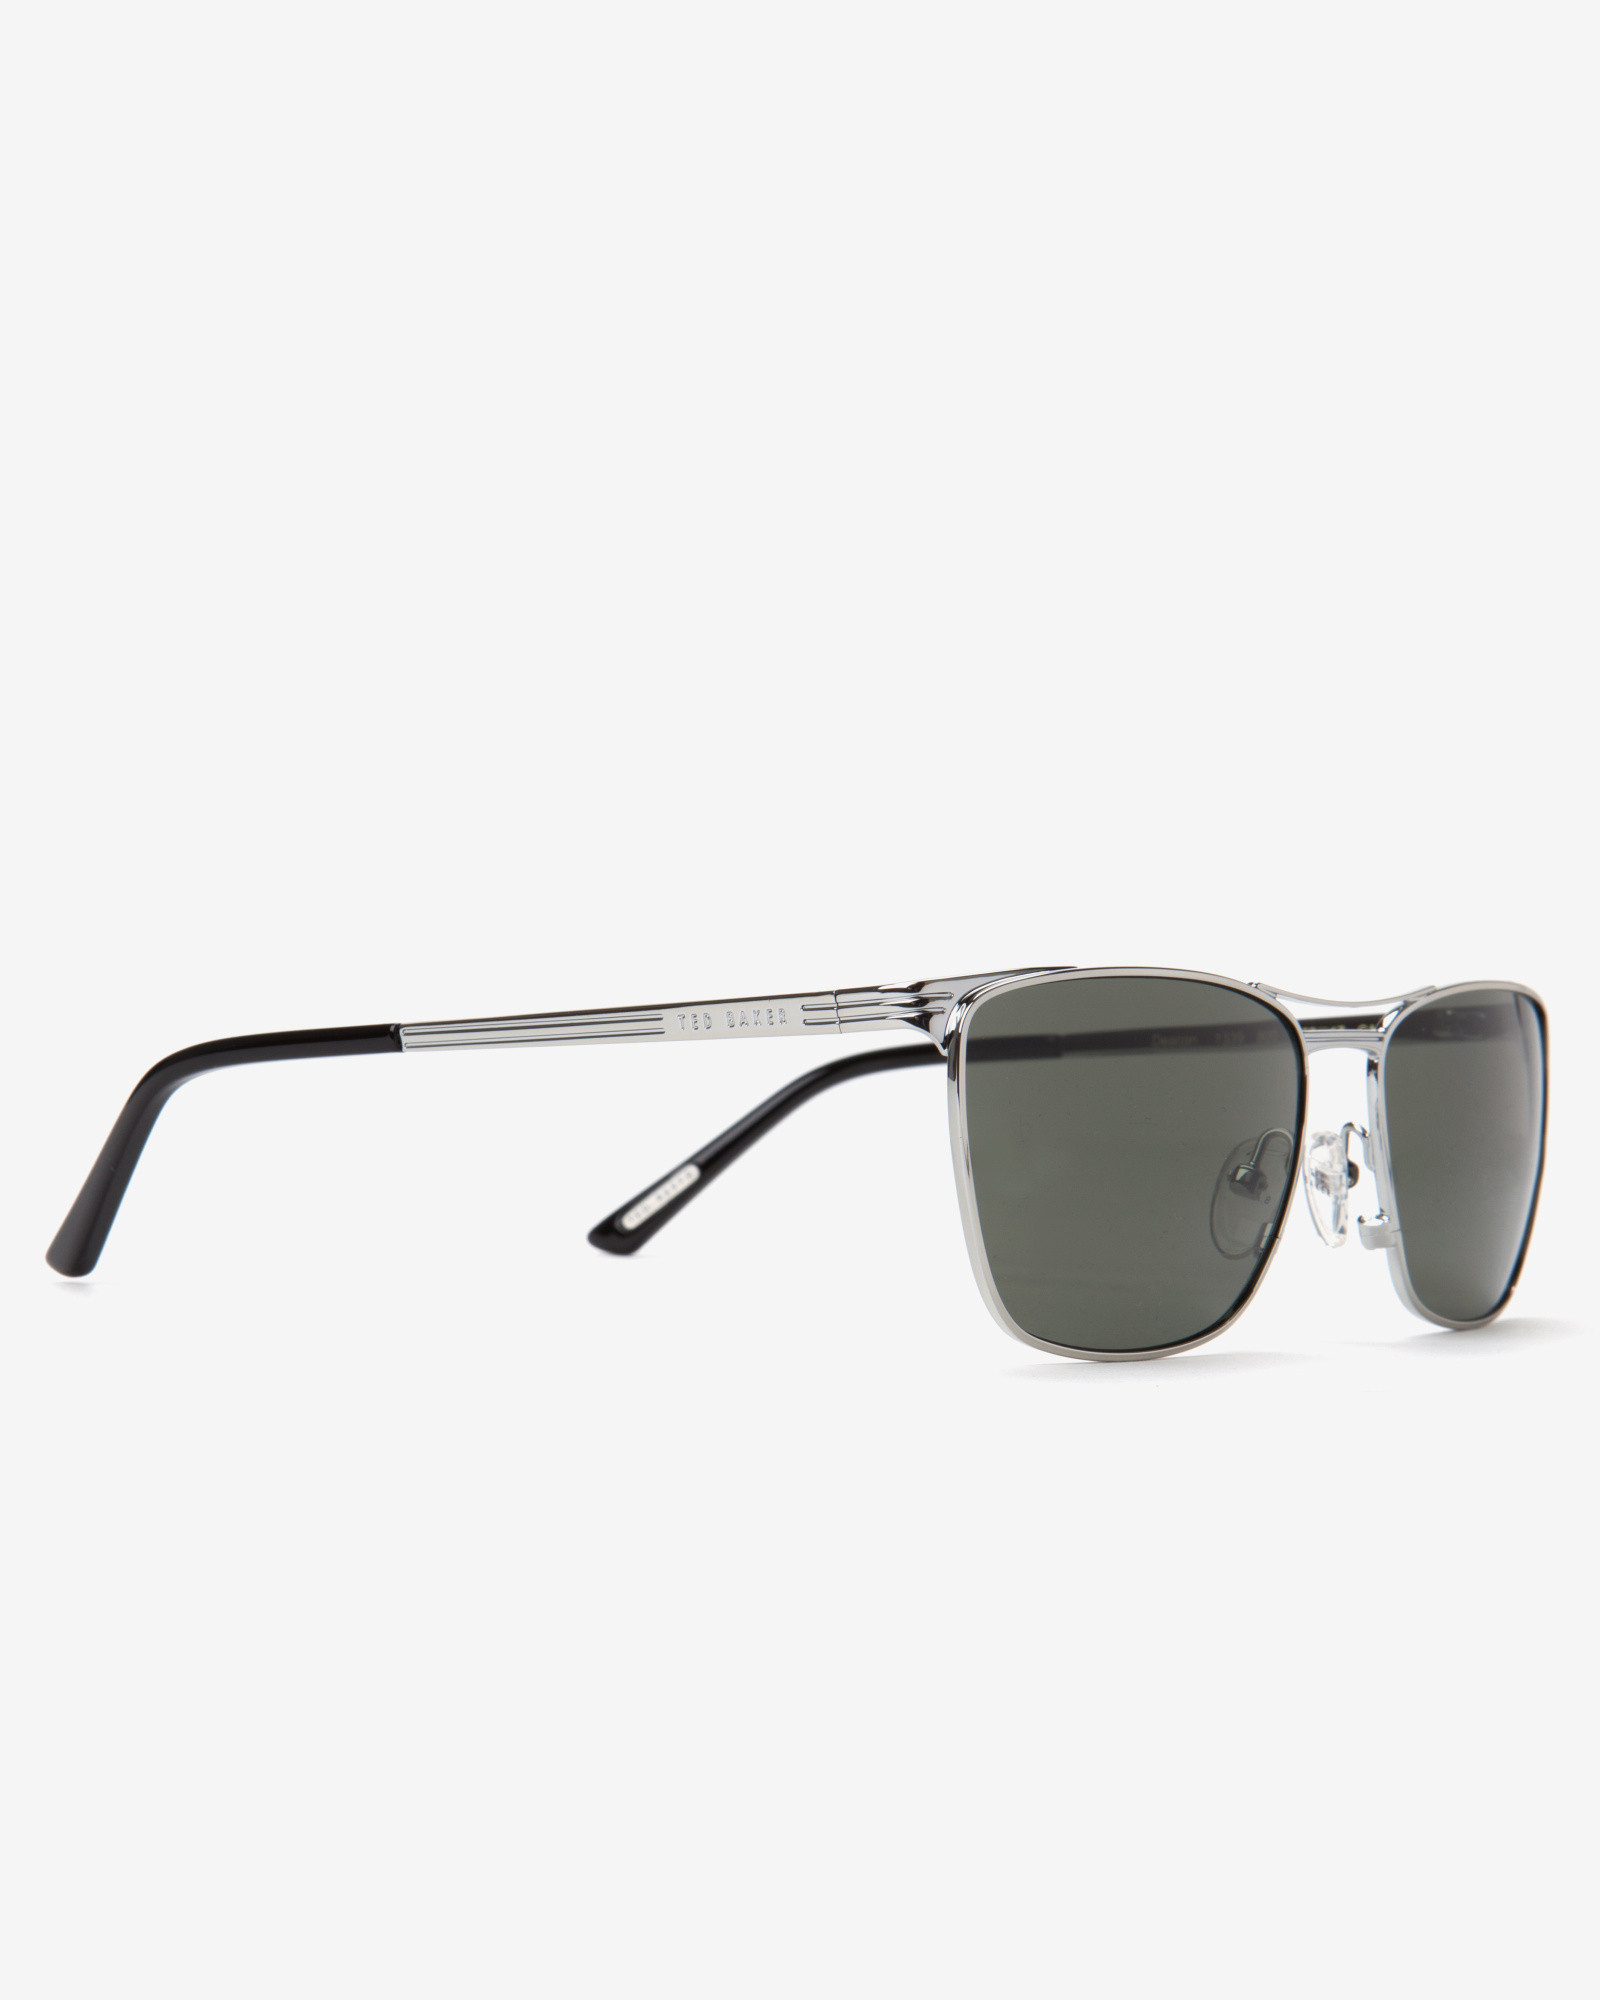 Ted Baker Square Frame Sunglasses in Metallic for Men